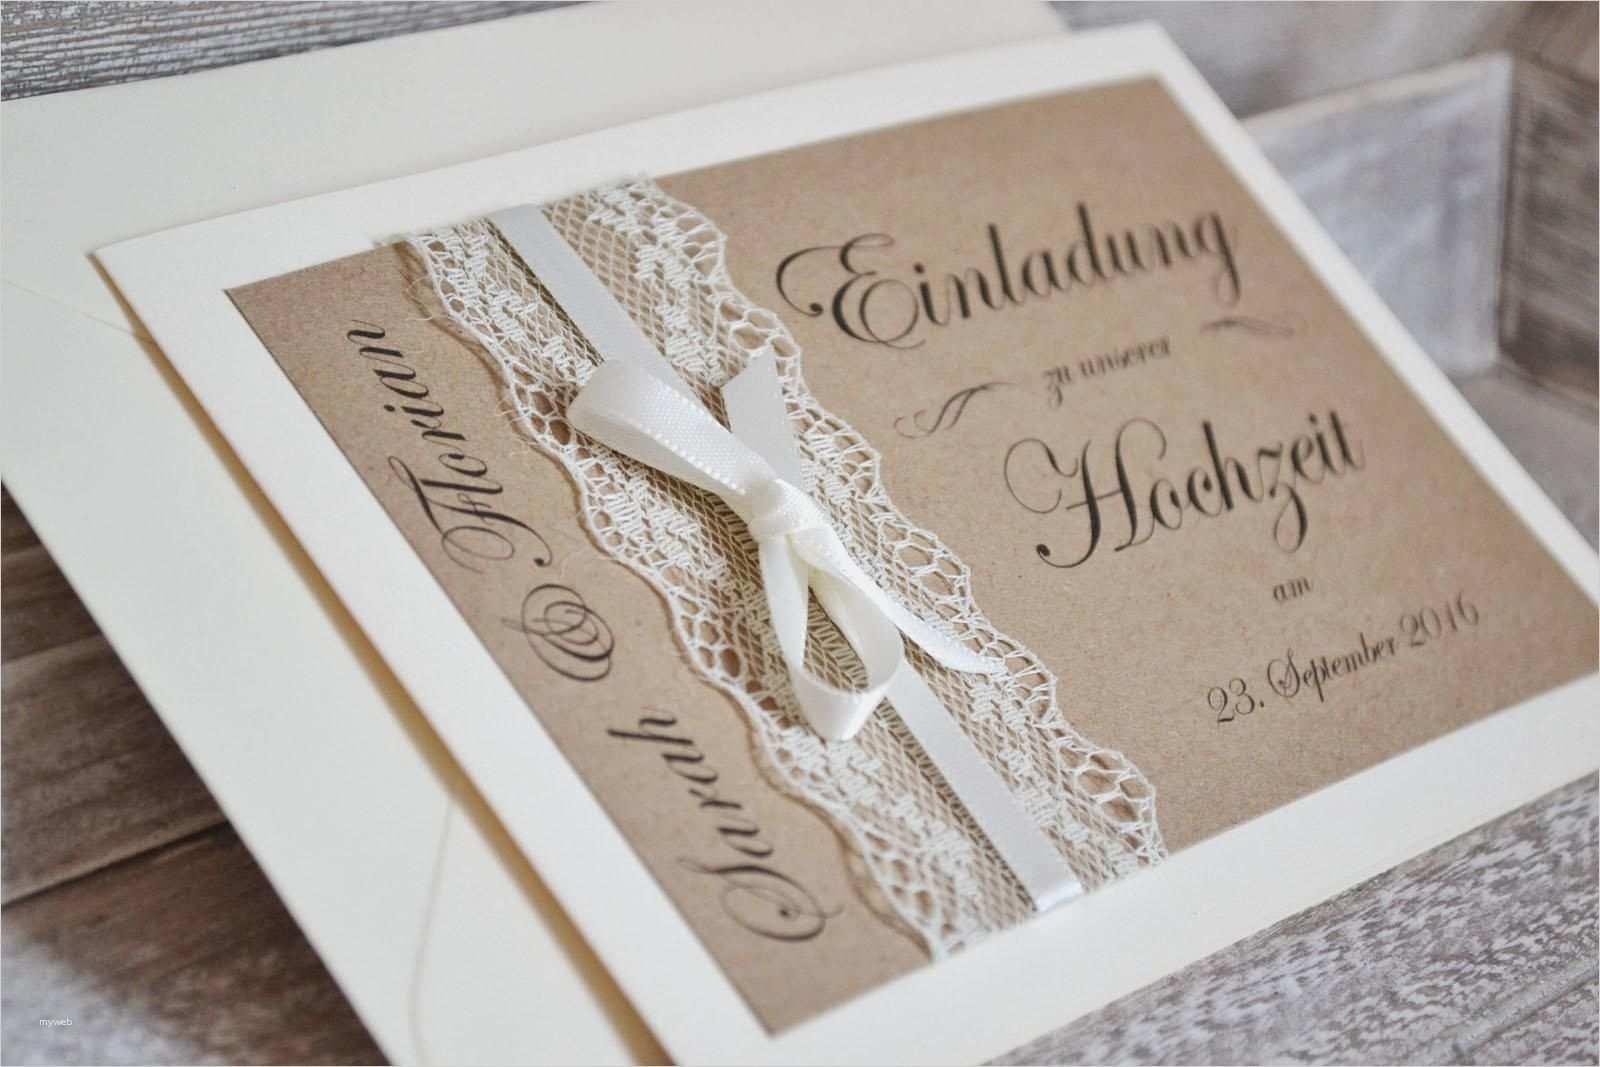 Hochzeitseinladungen Selber Machen Vorlagen Kostenlos Erstaunlich Mit Einladungen Hoc Einladungskarten Hochzeit Einladung Goldene Hochzeit Einladungen Hochzeit